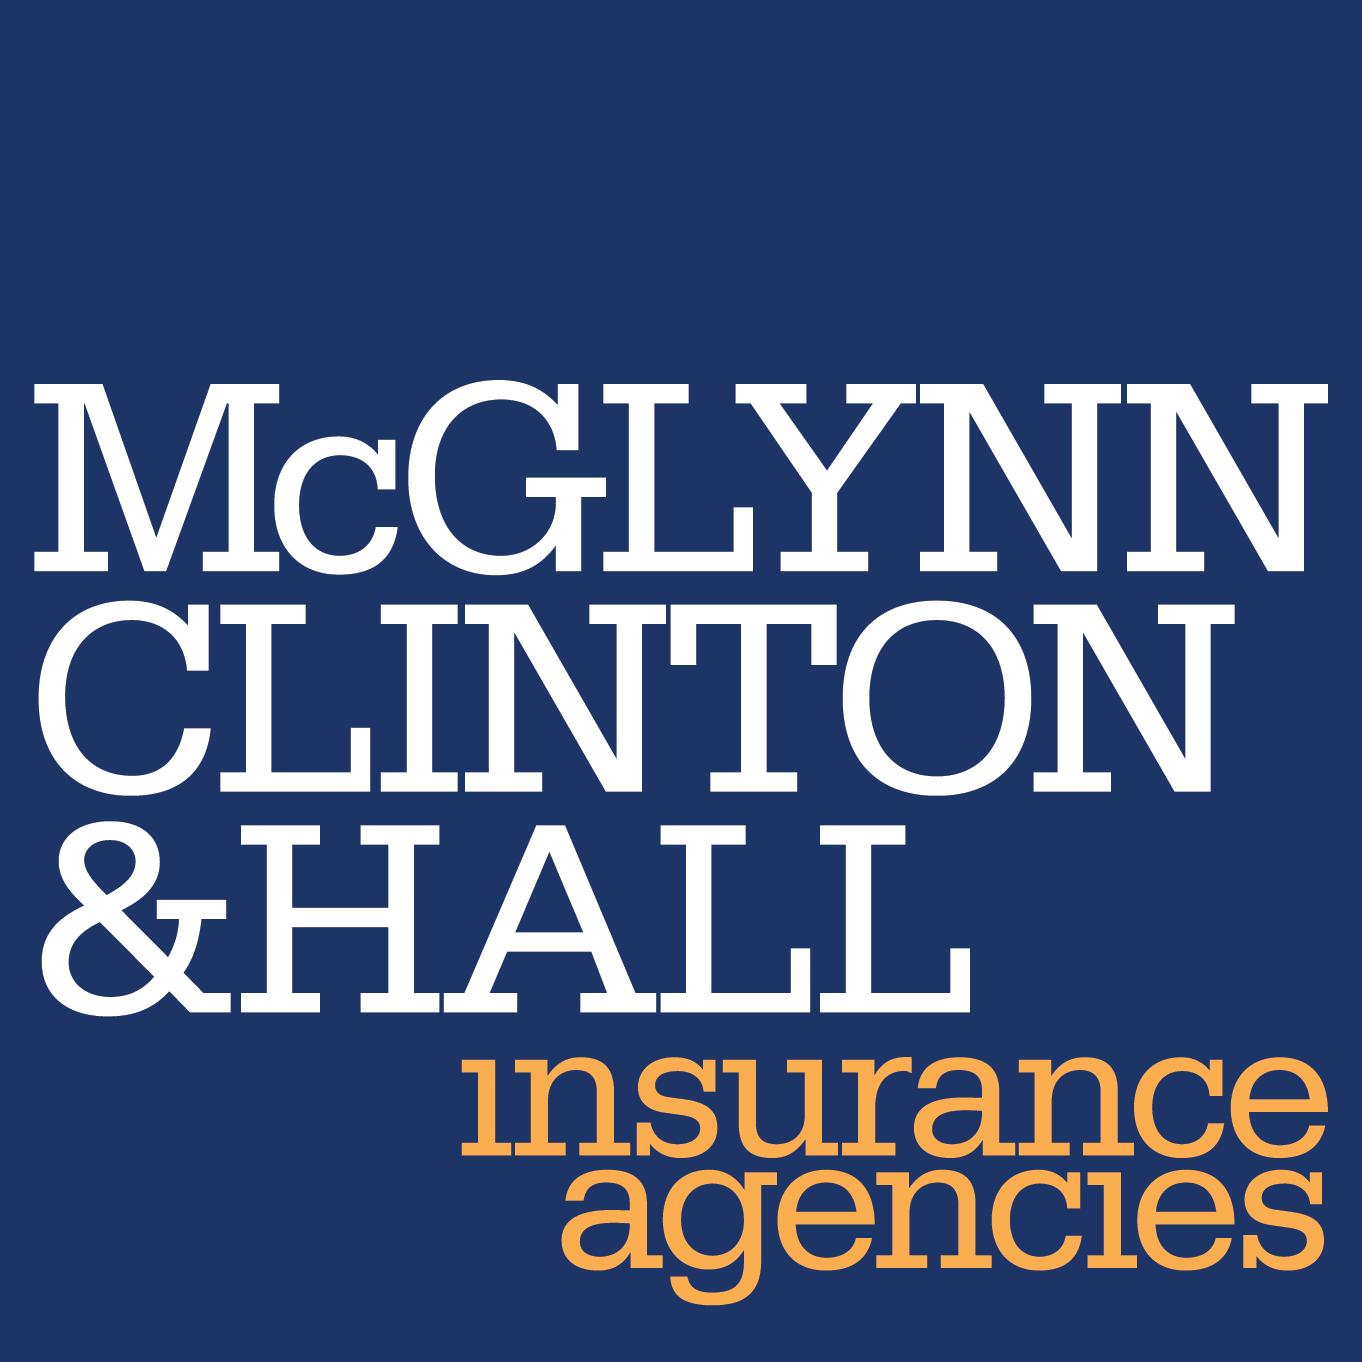 McGlynn Clinton Hall